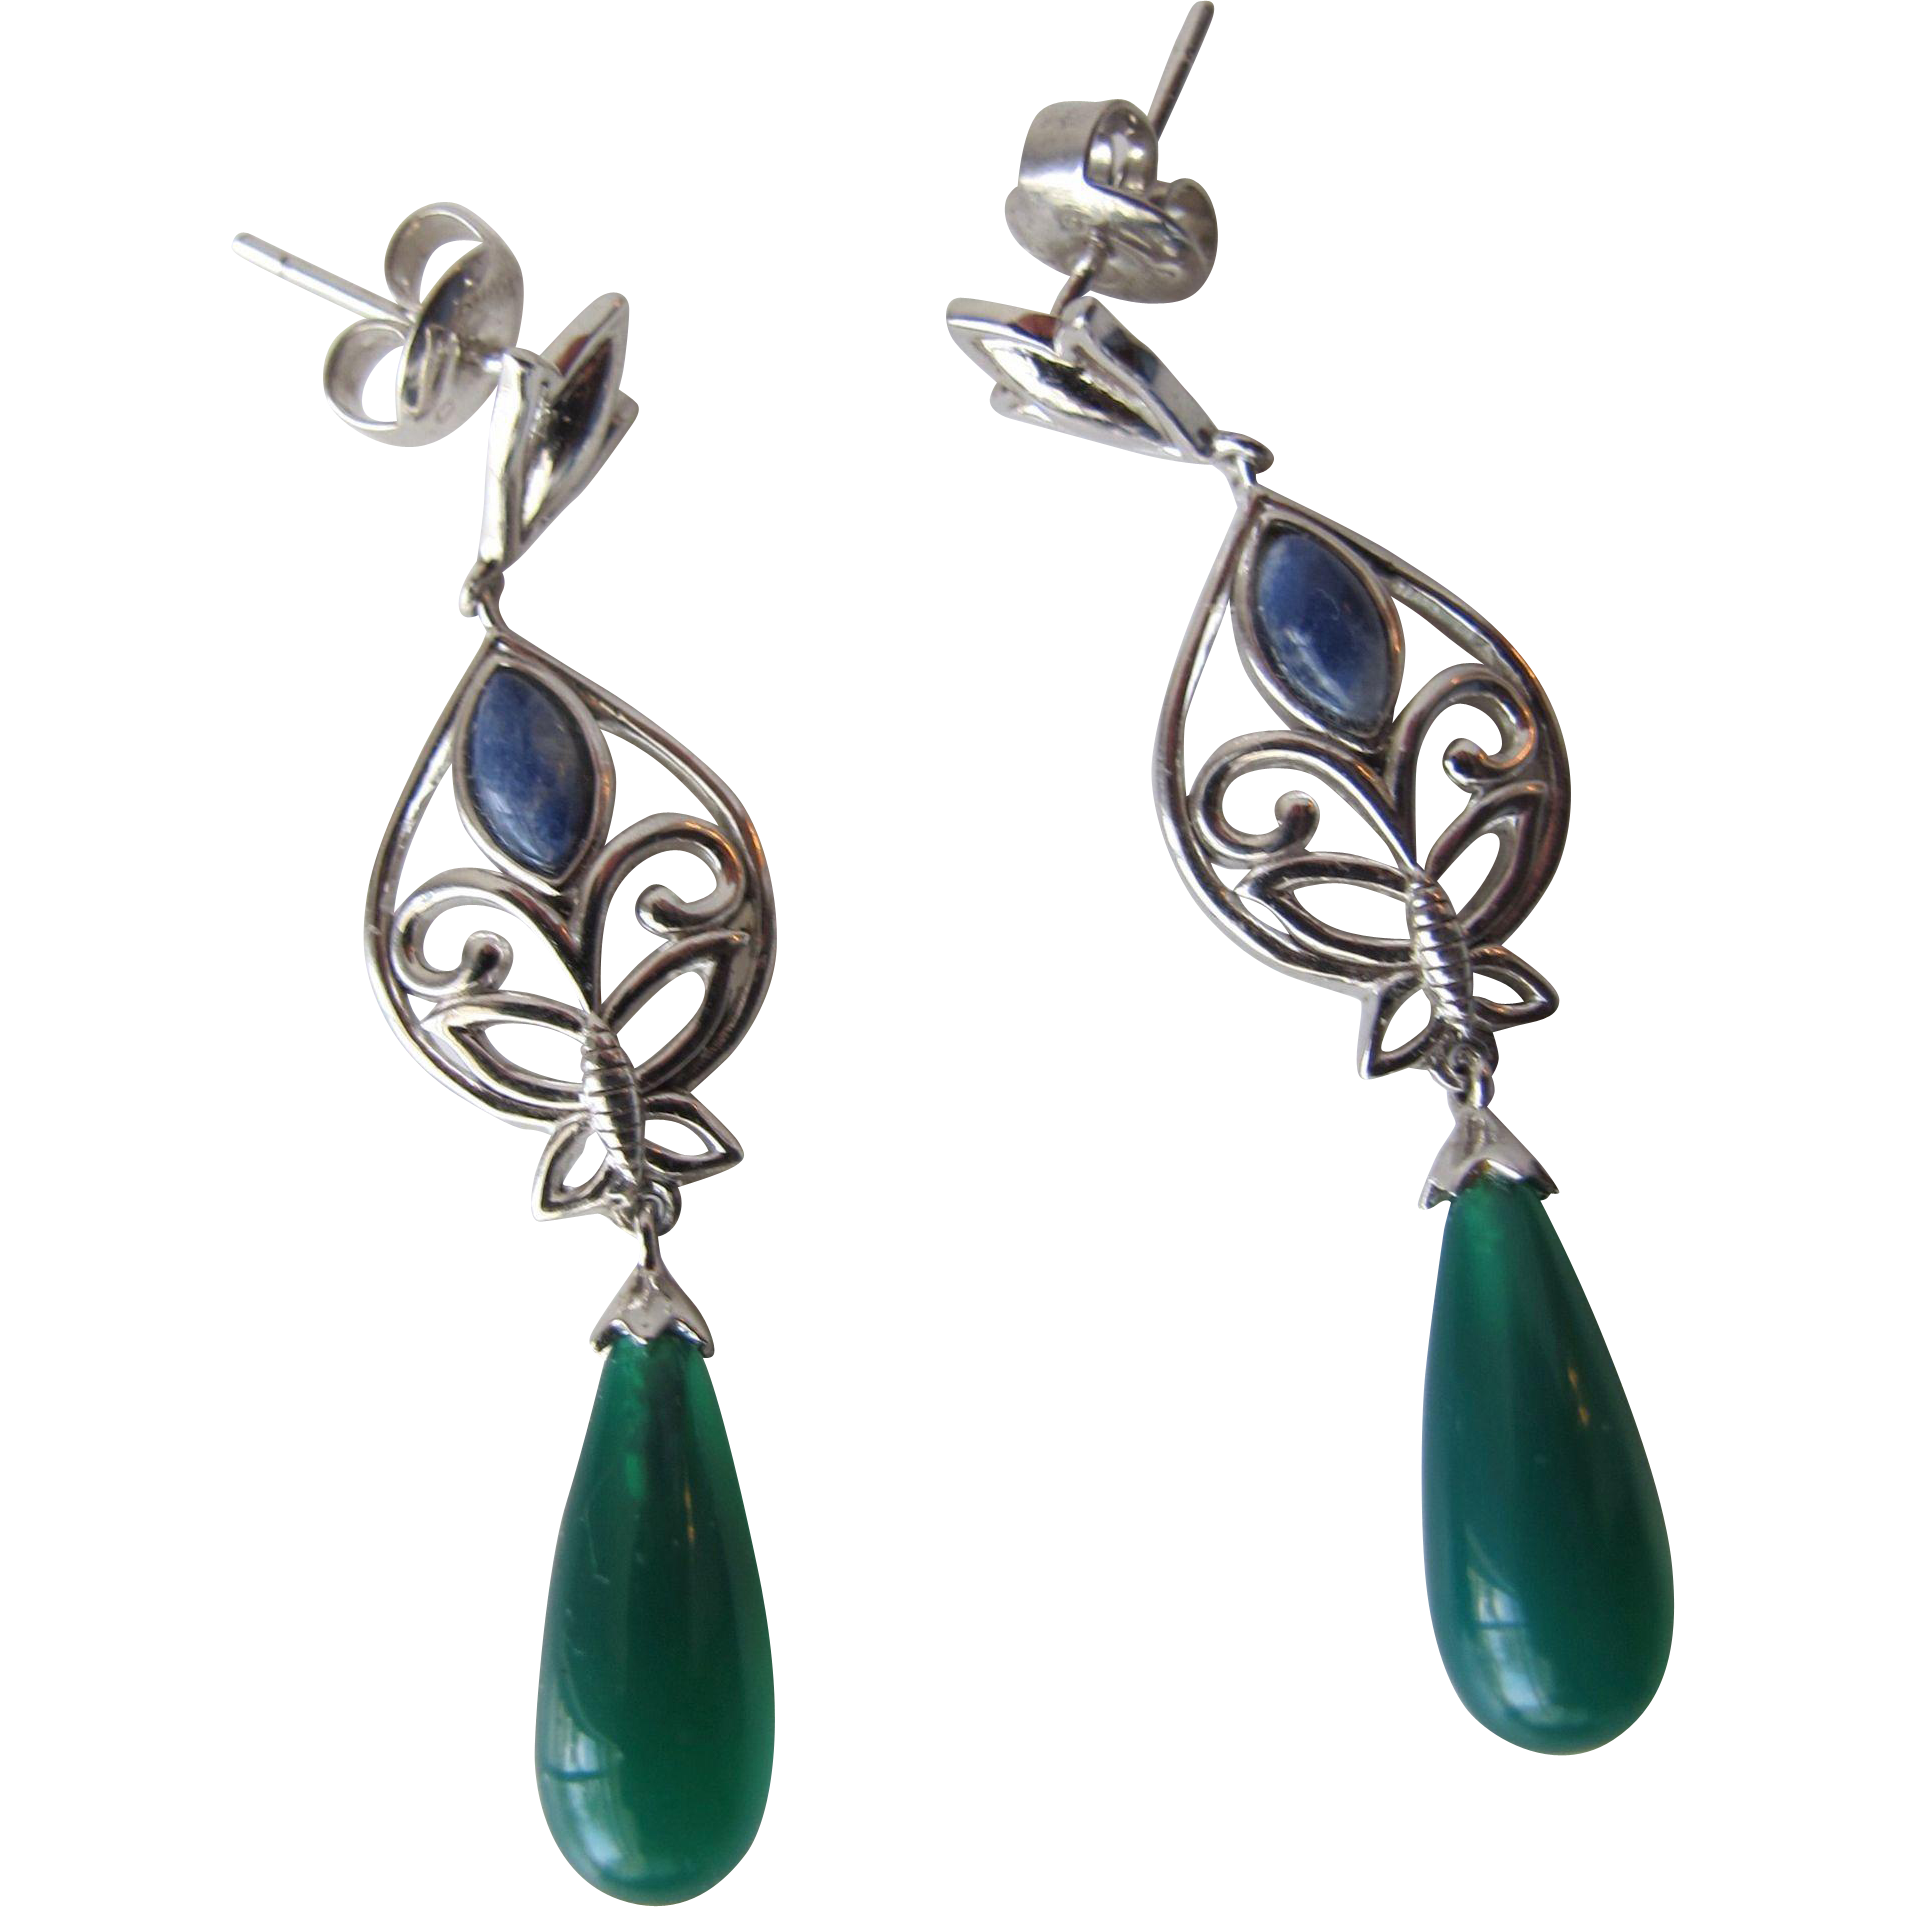 Earrings in Jadeite Drops and Sterling Silver Butterflies Pierced Earrings